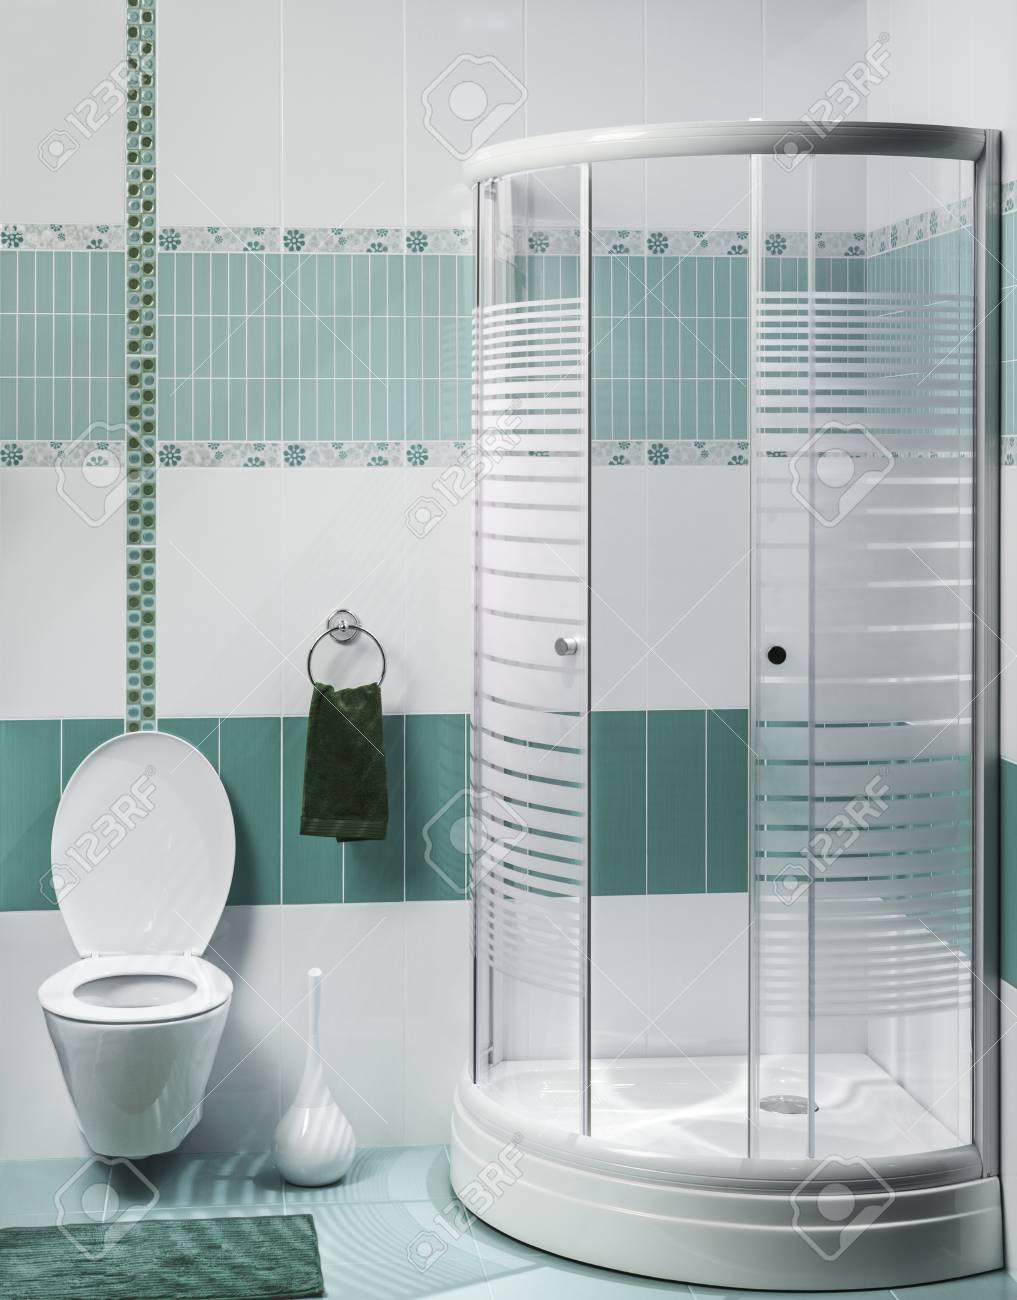 Ausschnitt Aus Einem Modernen Badezimmer Interieur Mit Luxus-Dusche ...